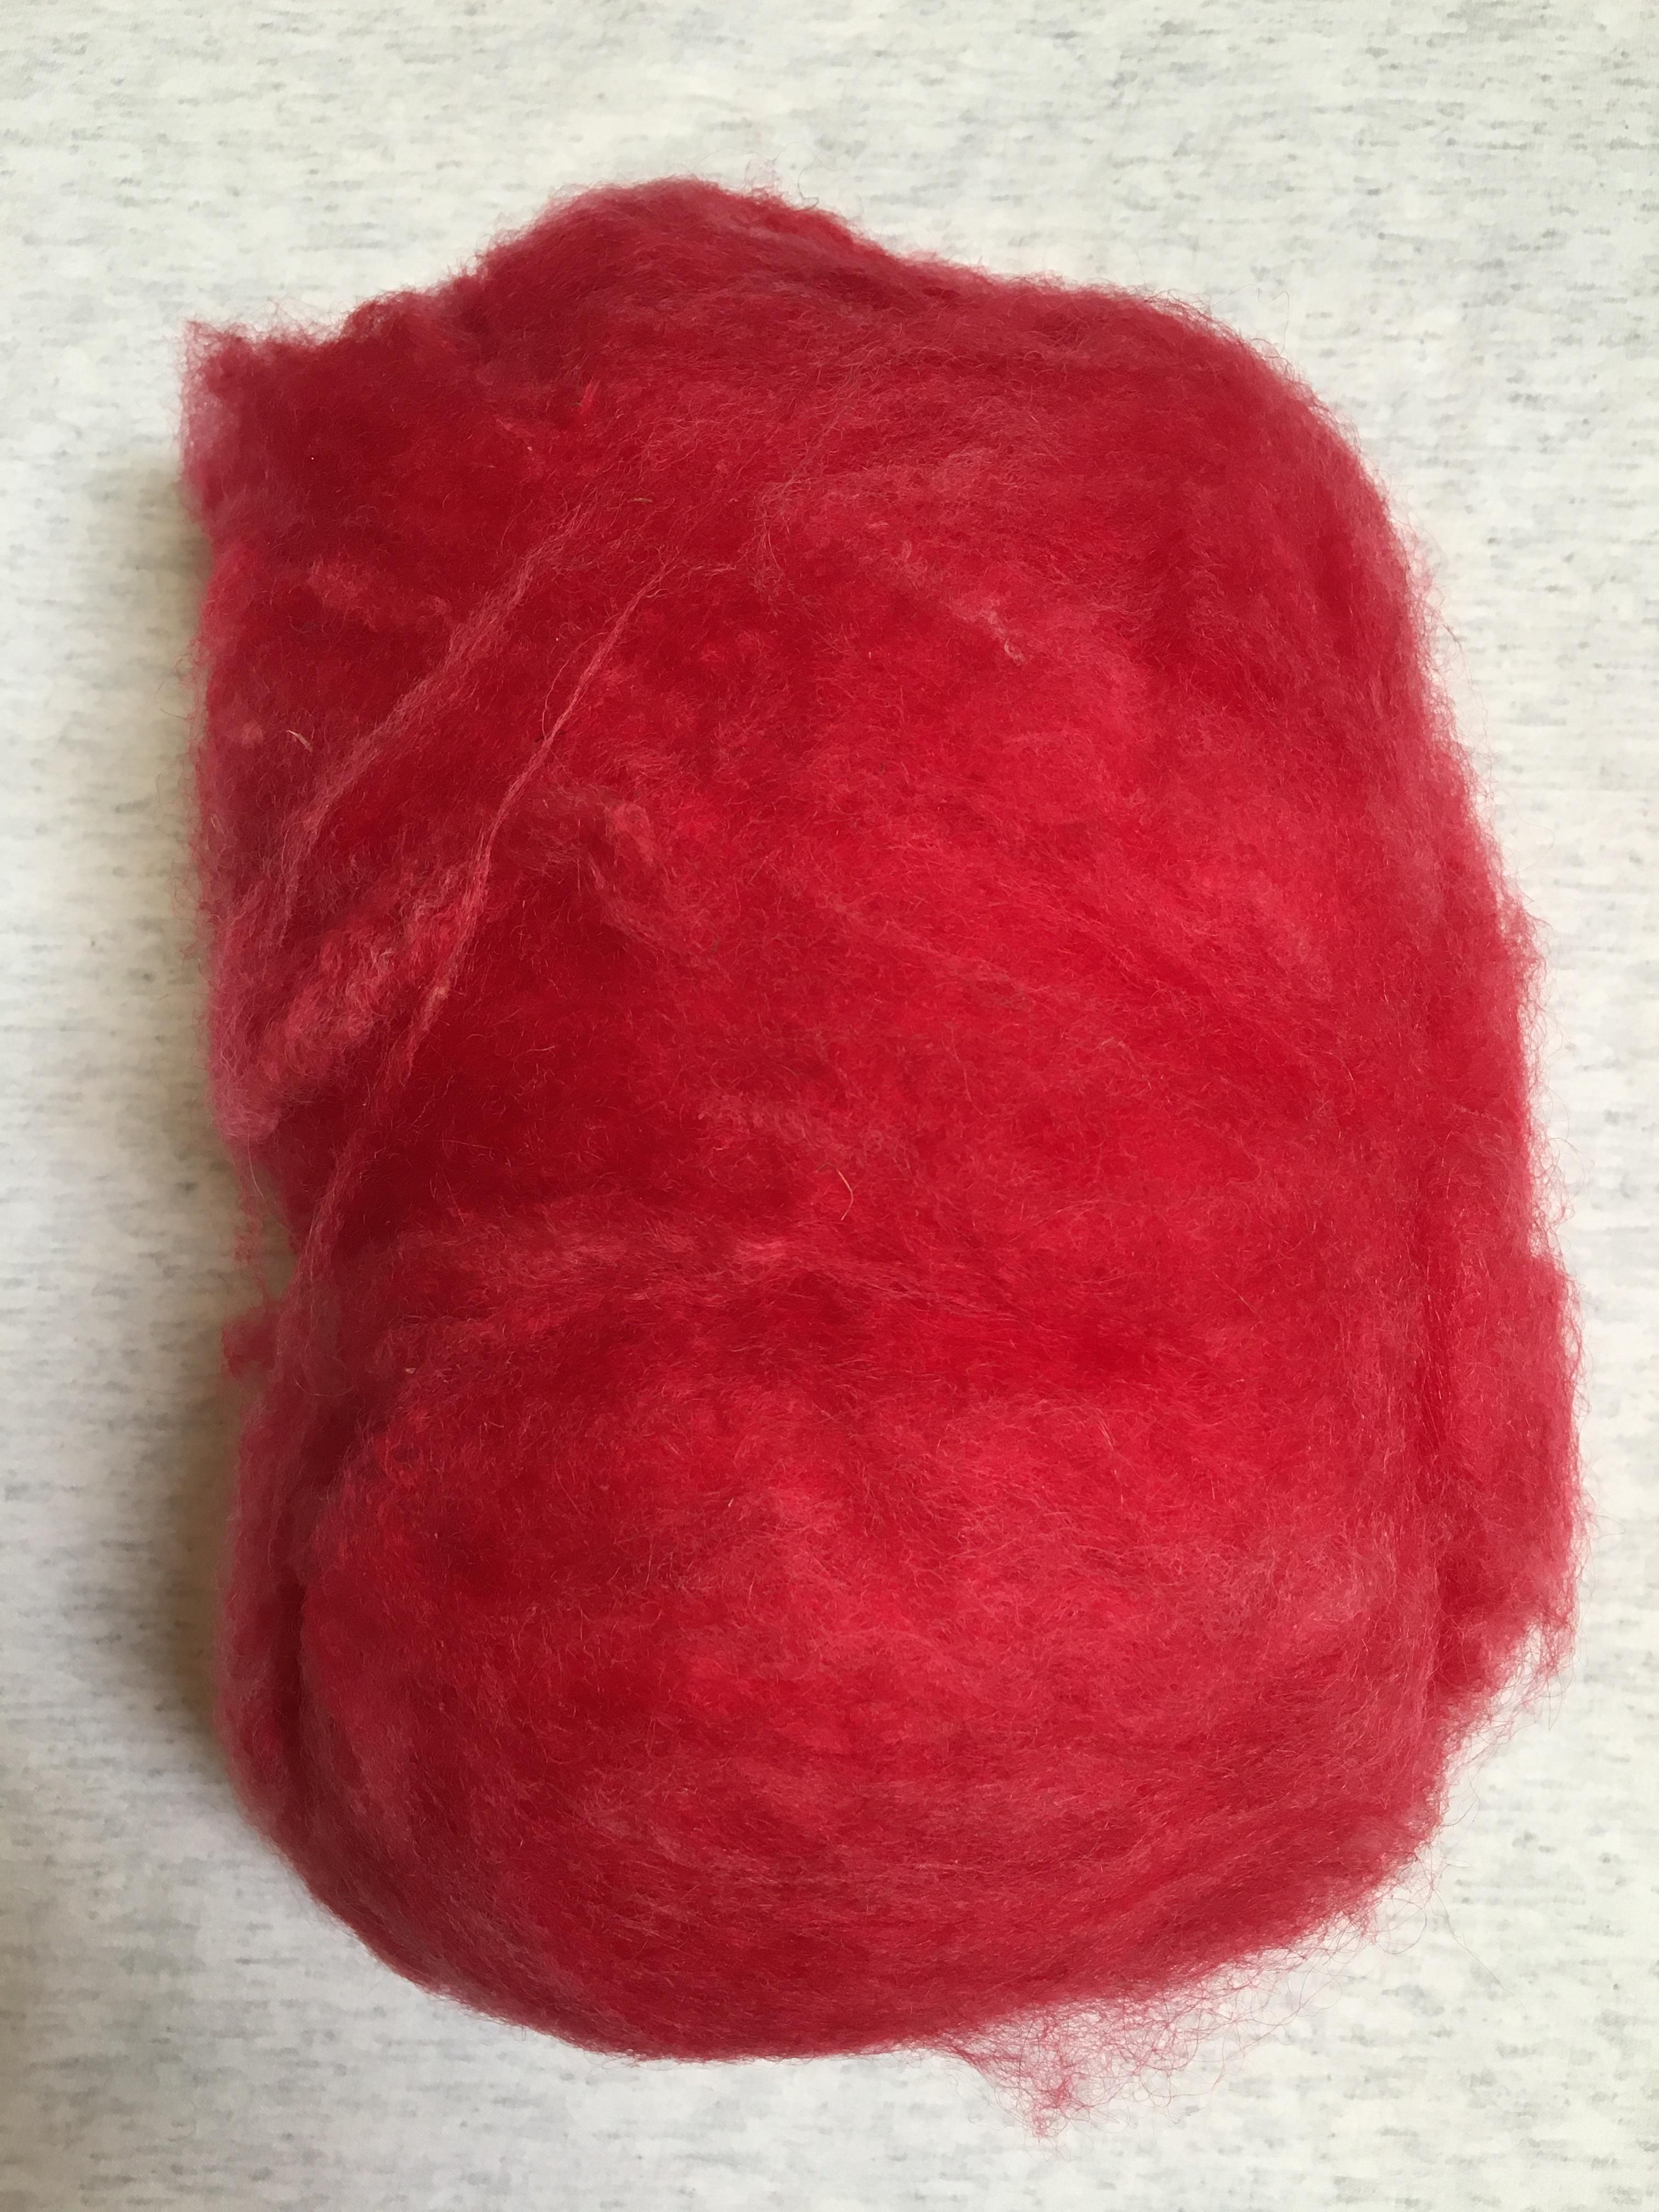 Red batt